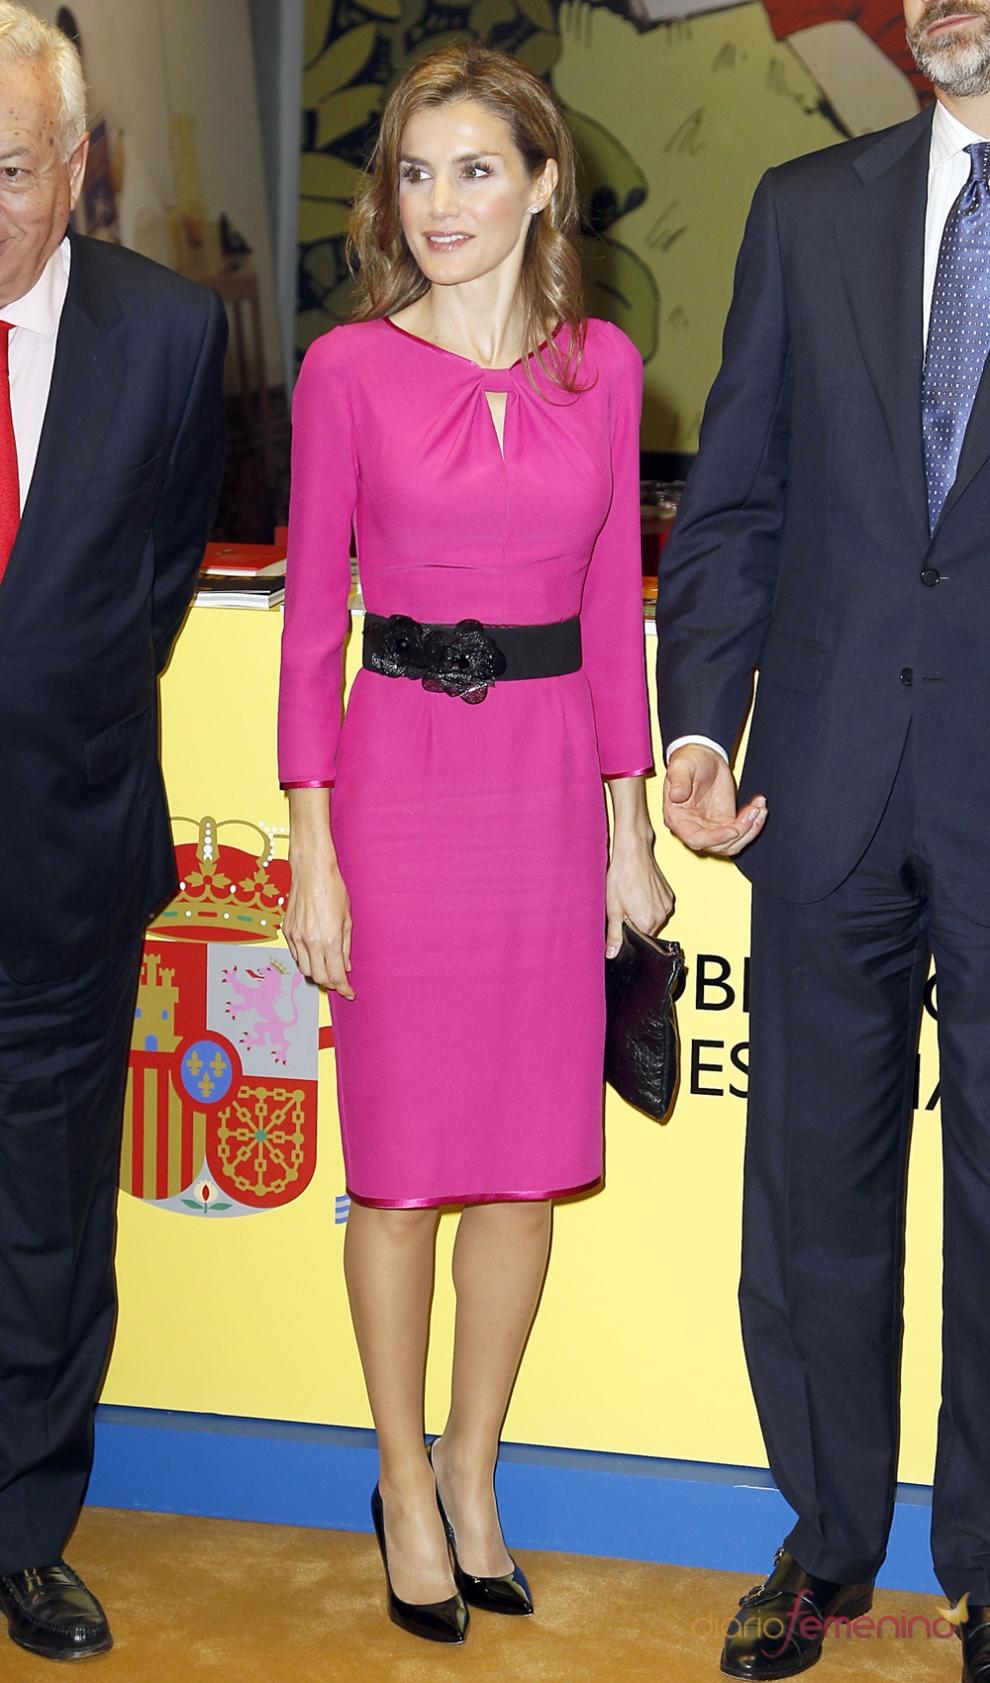 La coronación de Felipe VI y la Reina Letizia en Diario Femenino